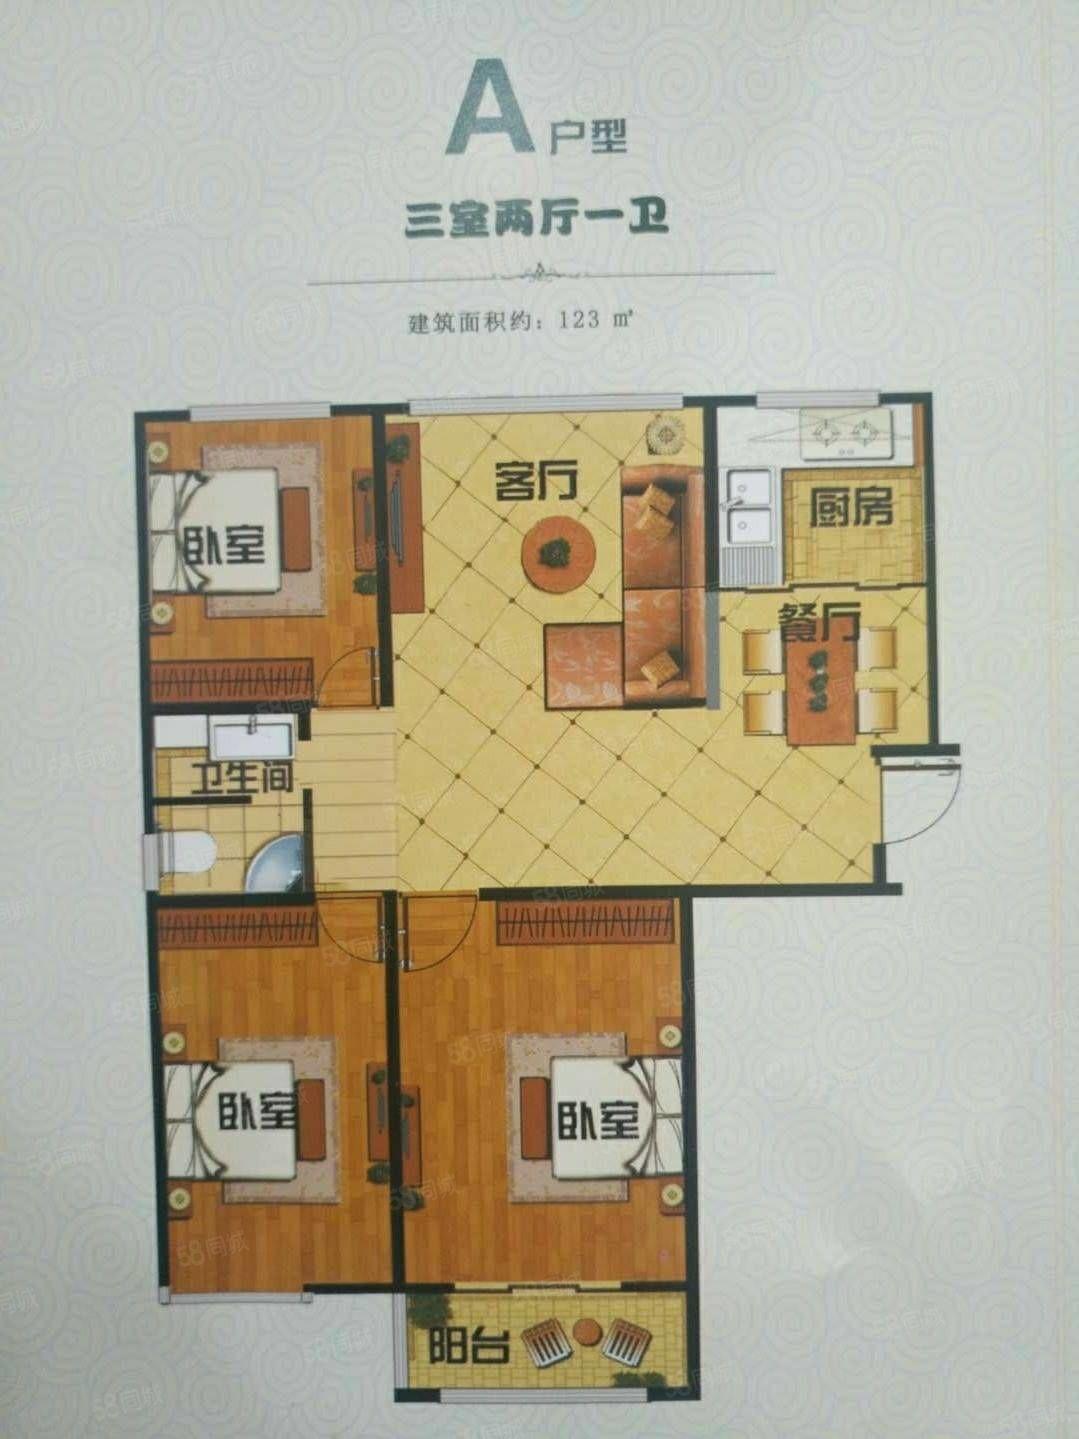 水榭花都准现房5500平方出售房源不多可按揭直接签合同